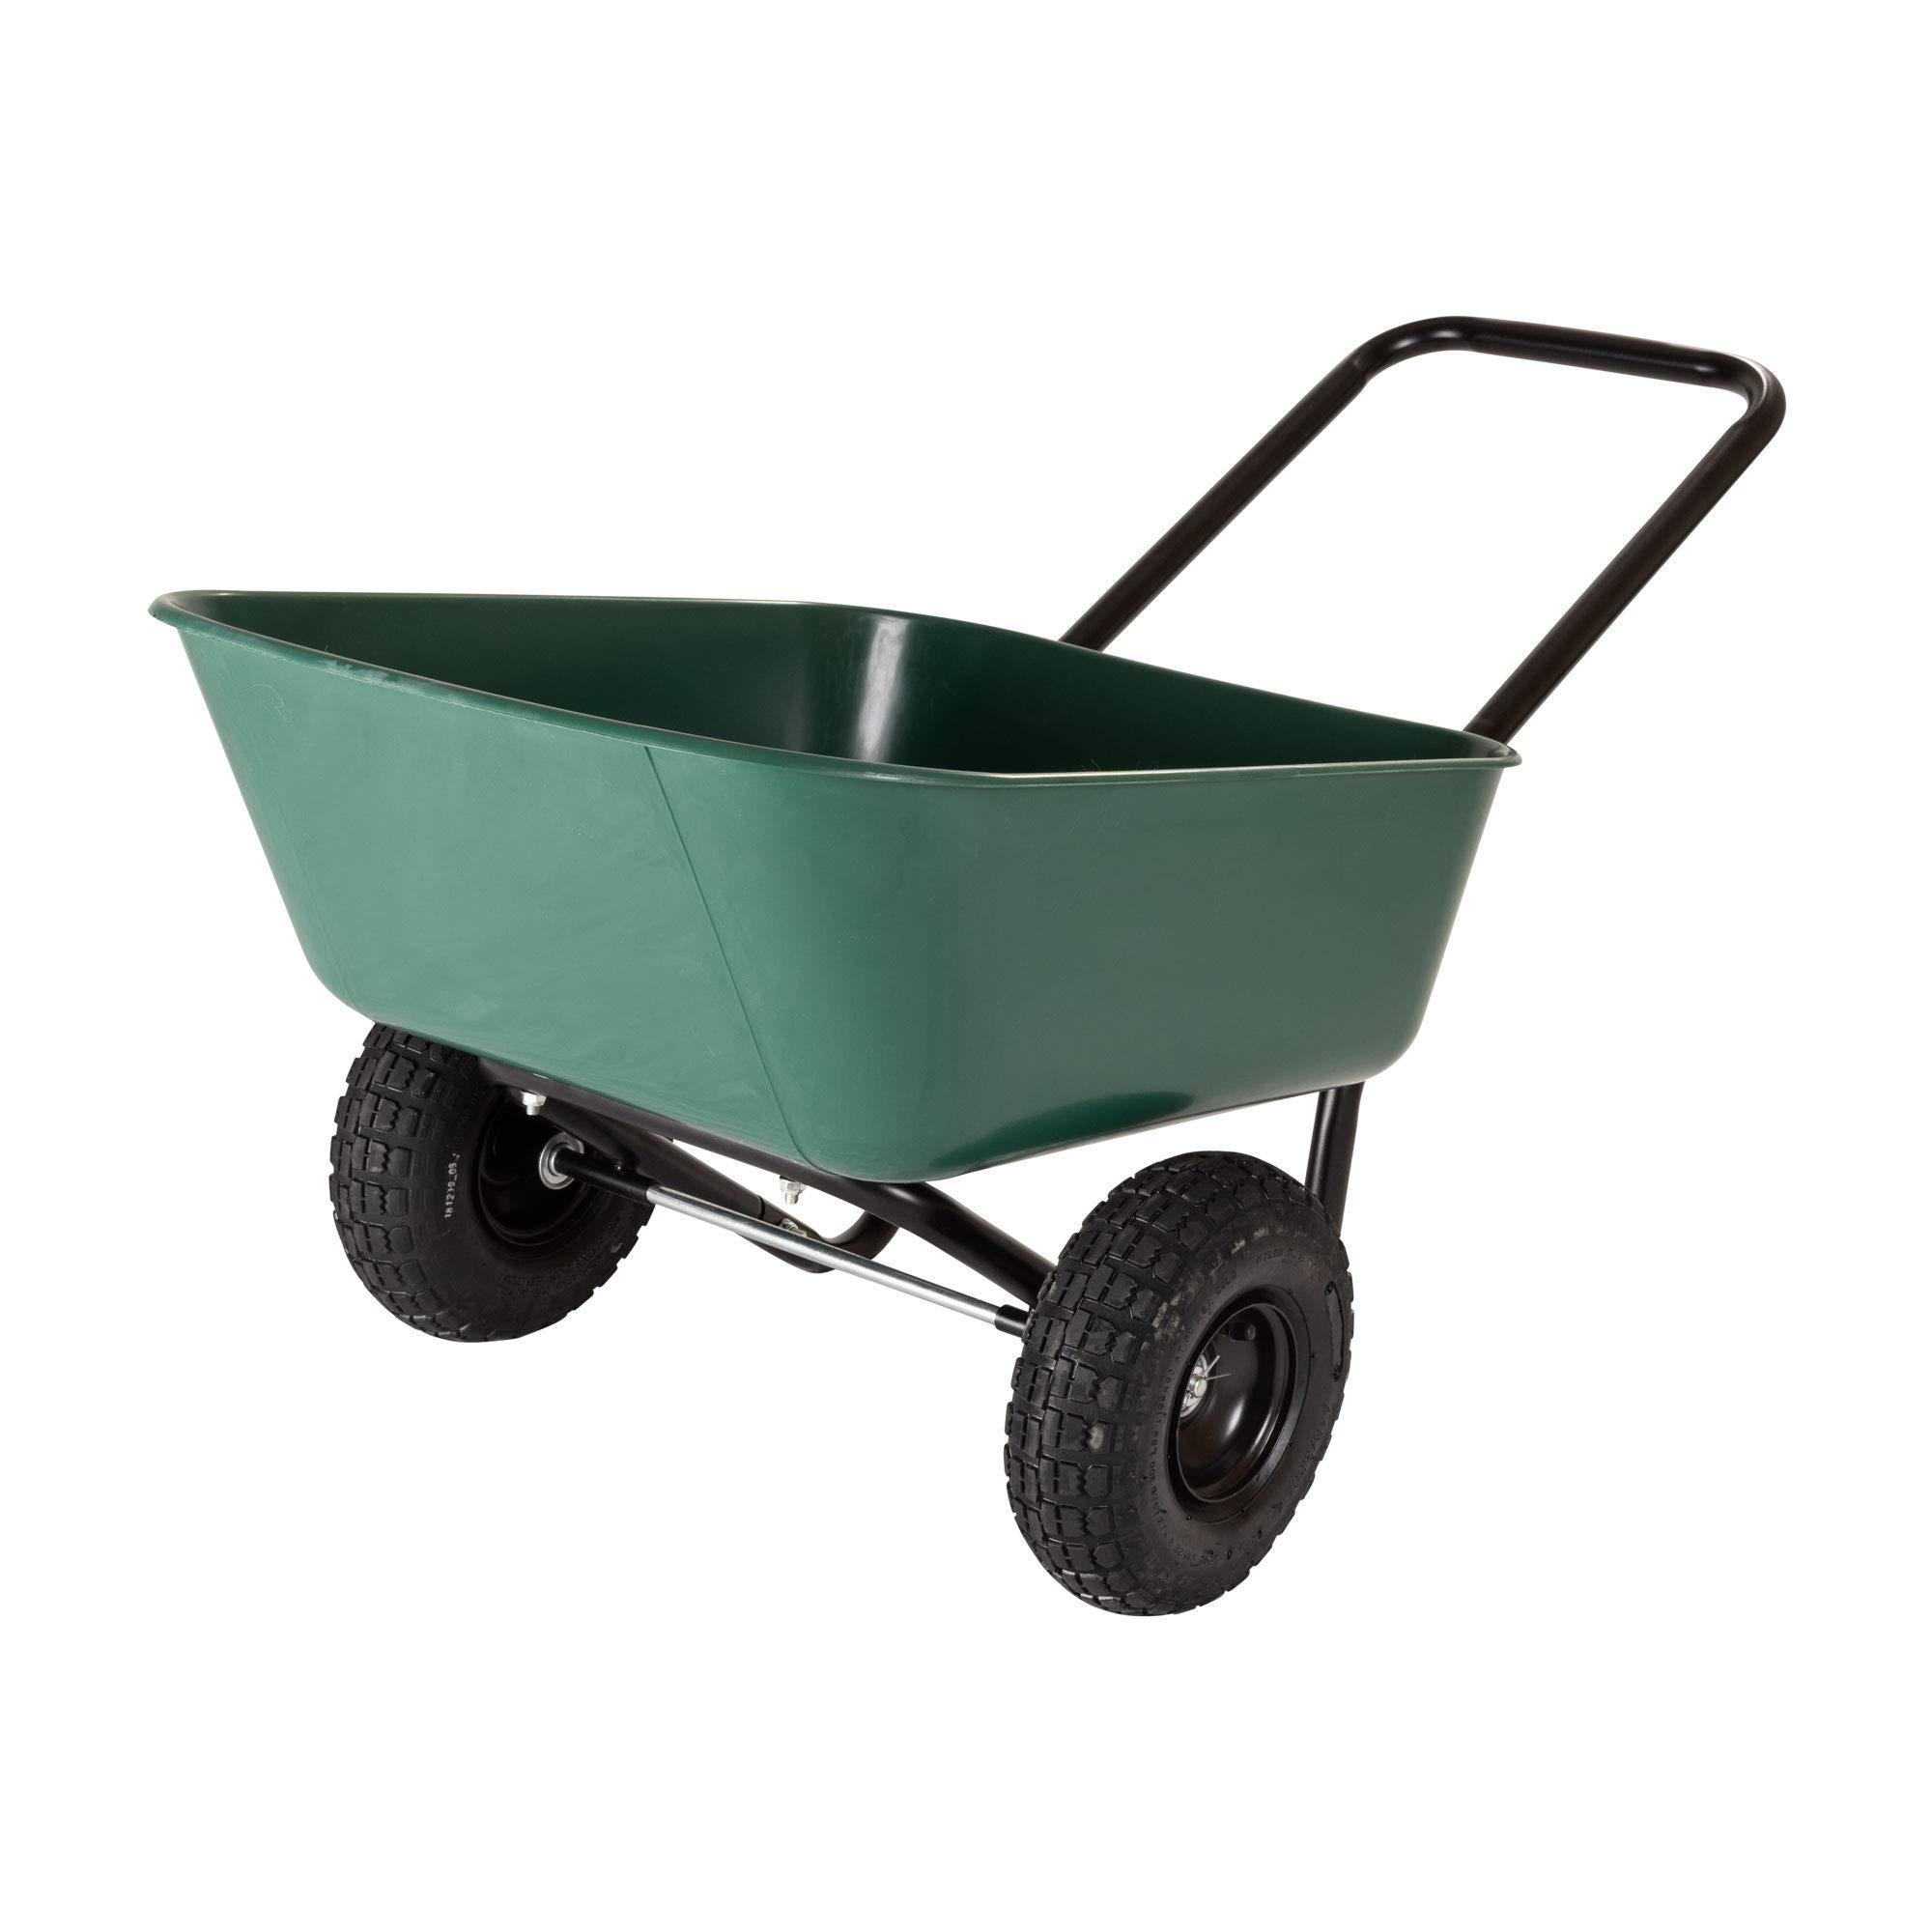 Garden 70019 Barrow Dual Wheel Wheelbarrow